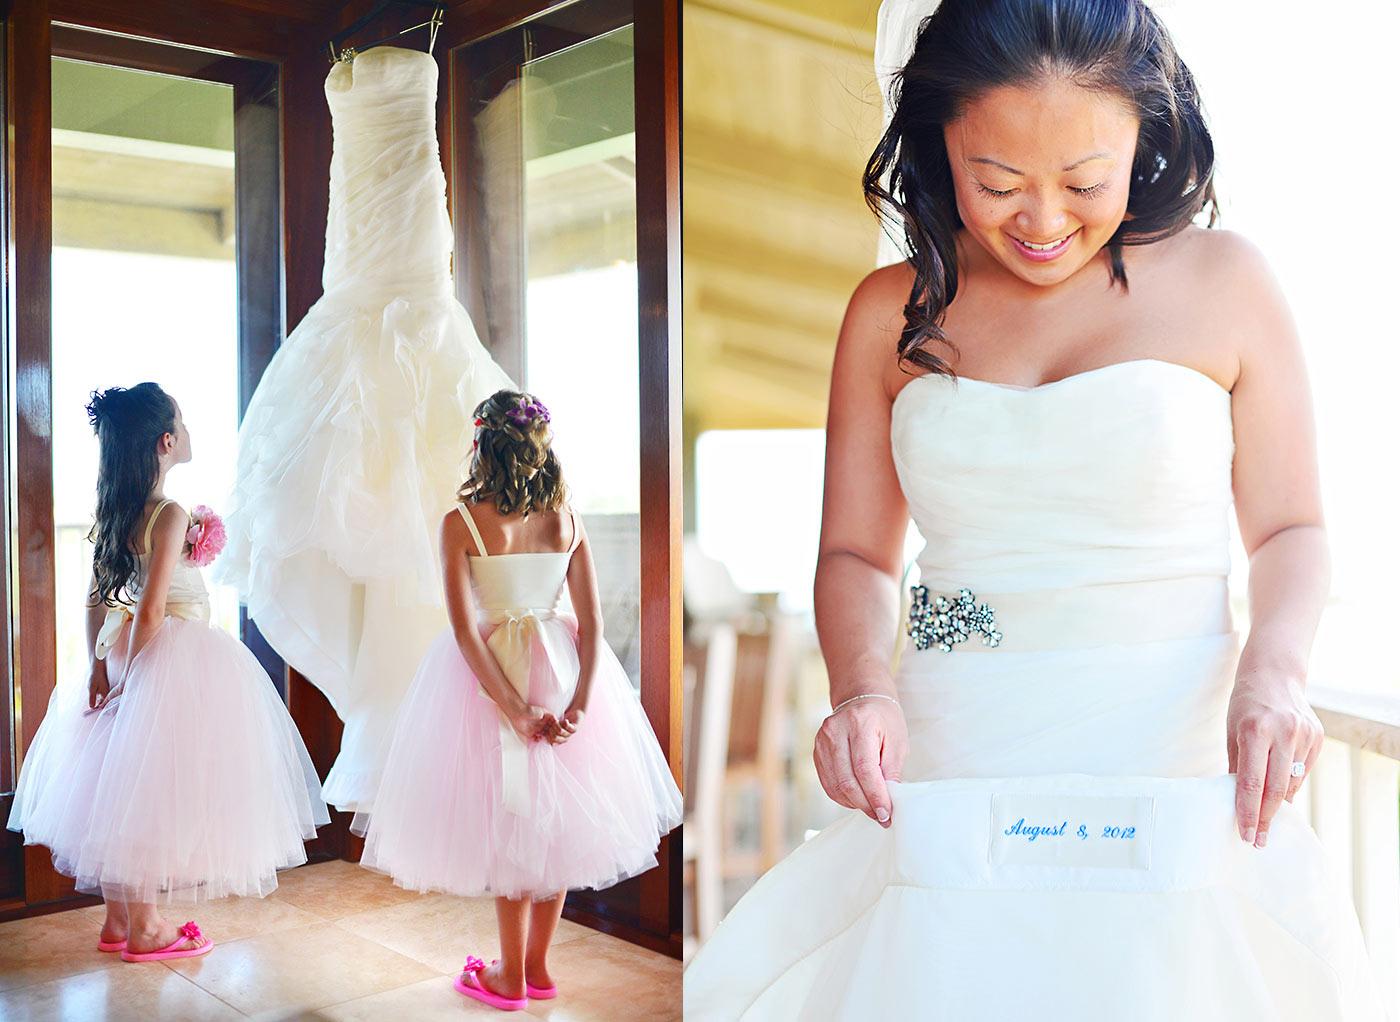 Kauai-Island-Hawaii-wedding-photo-(69).jpg